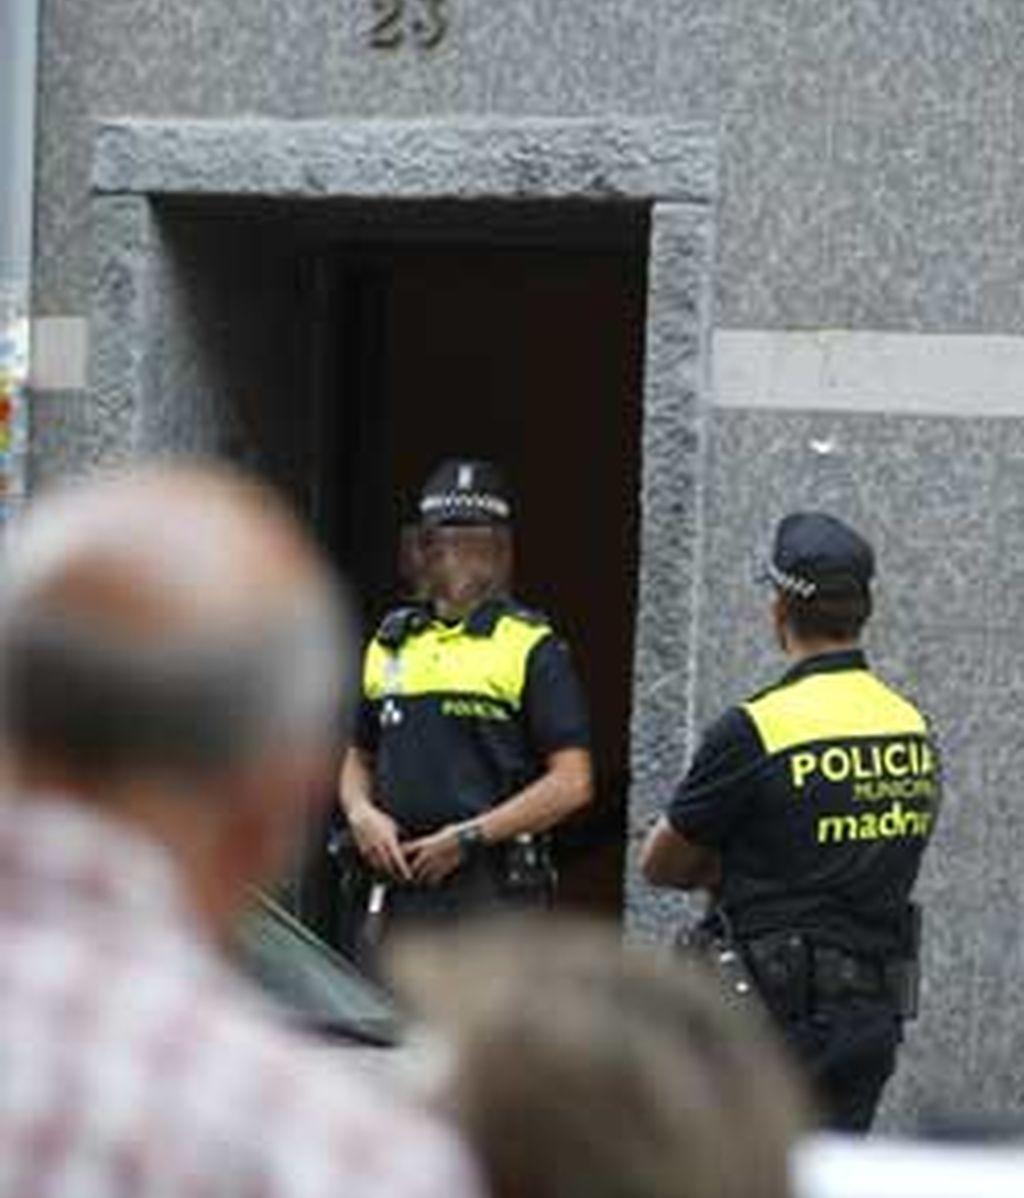 Los cuerpos de los ancianos se encontraron en el domicilio madrileño de Vallecas. FOTO: EFE